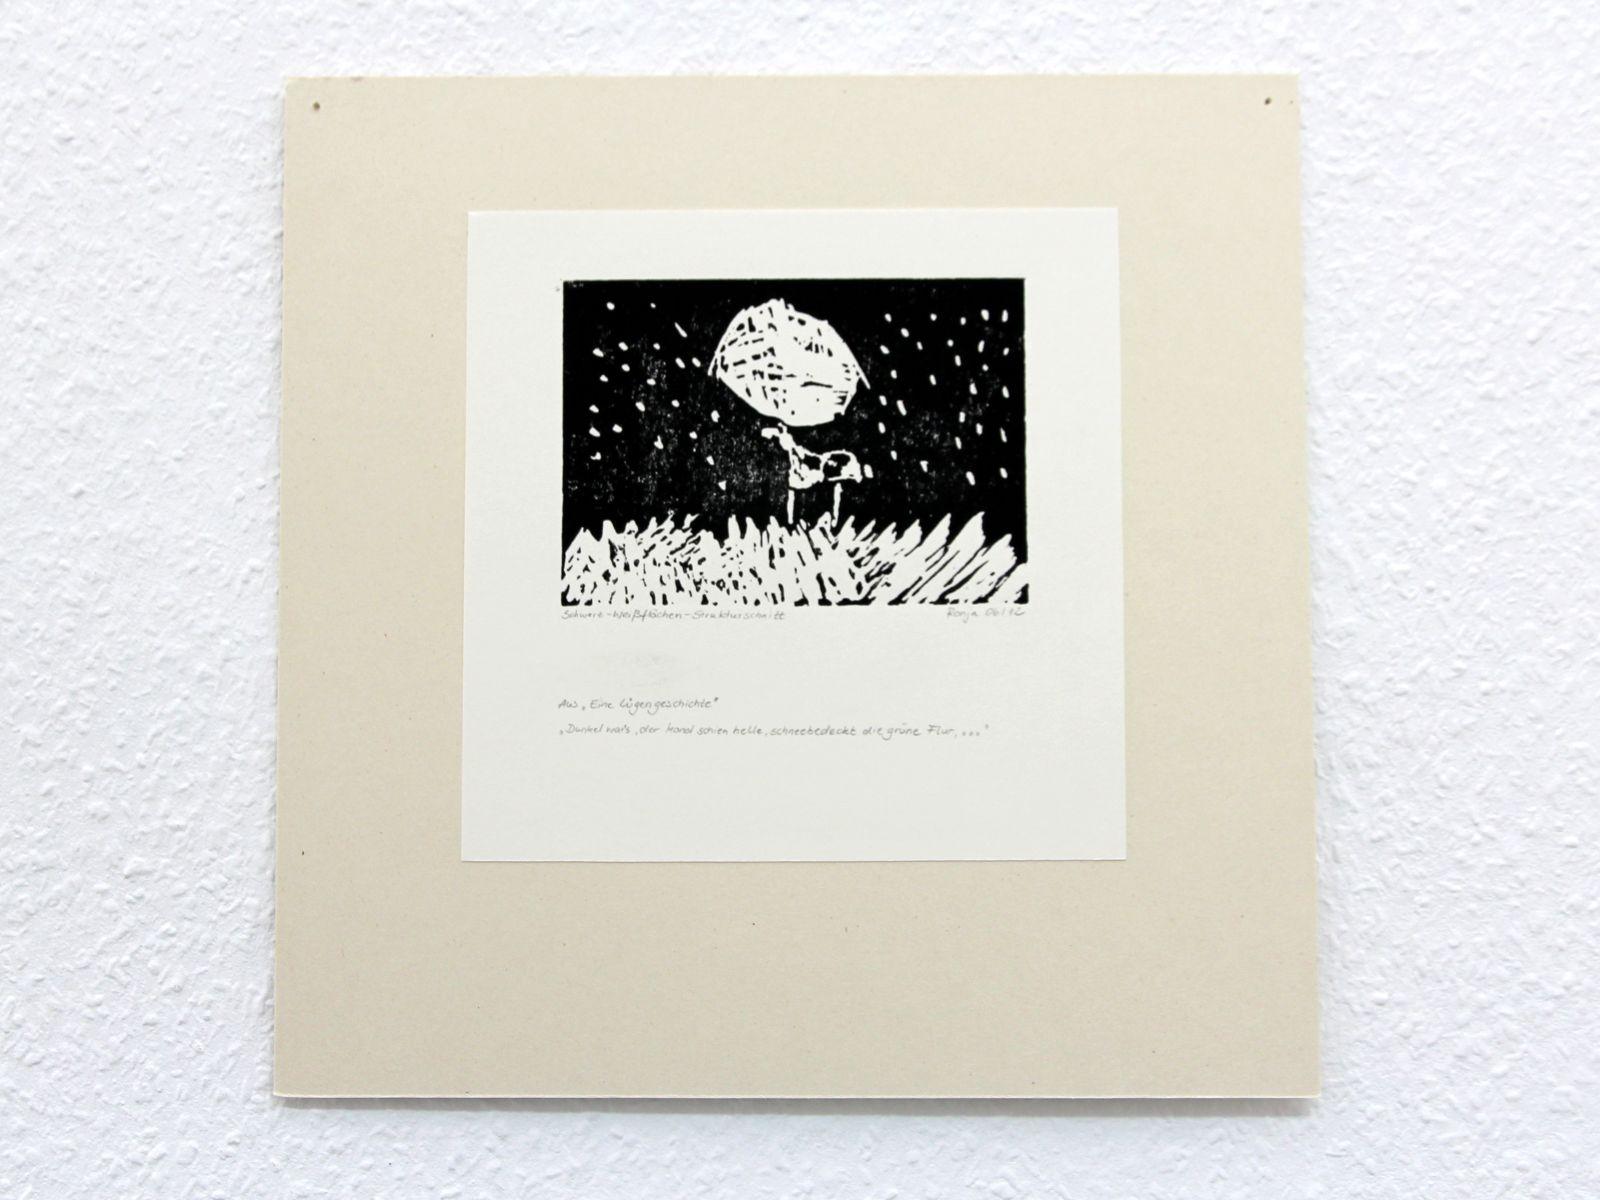 Kunstgespuer Kinderatelier-Ausstellung-Fantasievolle-Druckgrafik-Plastik Luegengeschichte 1